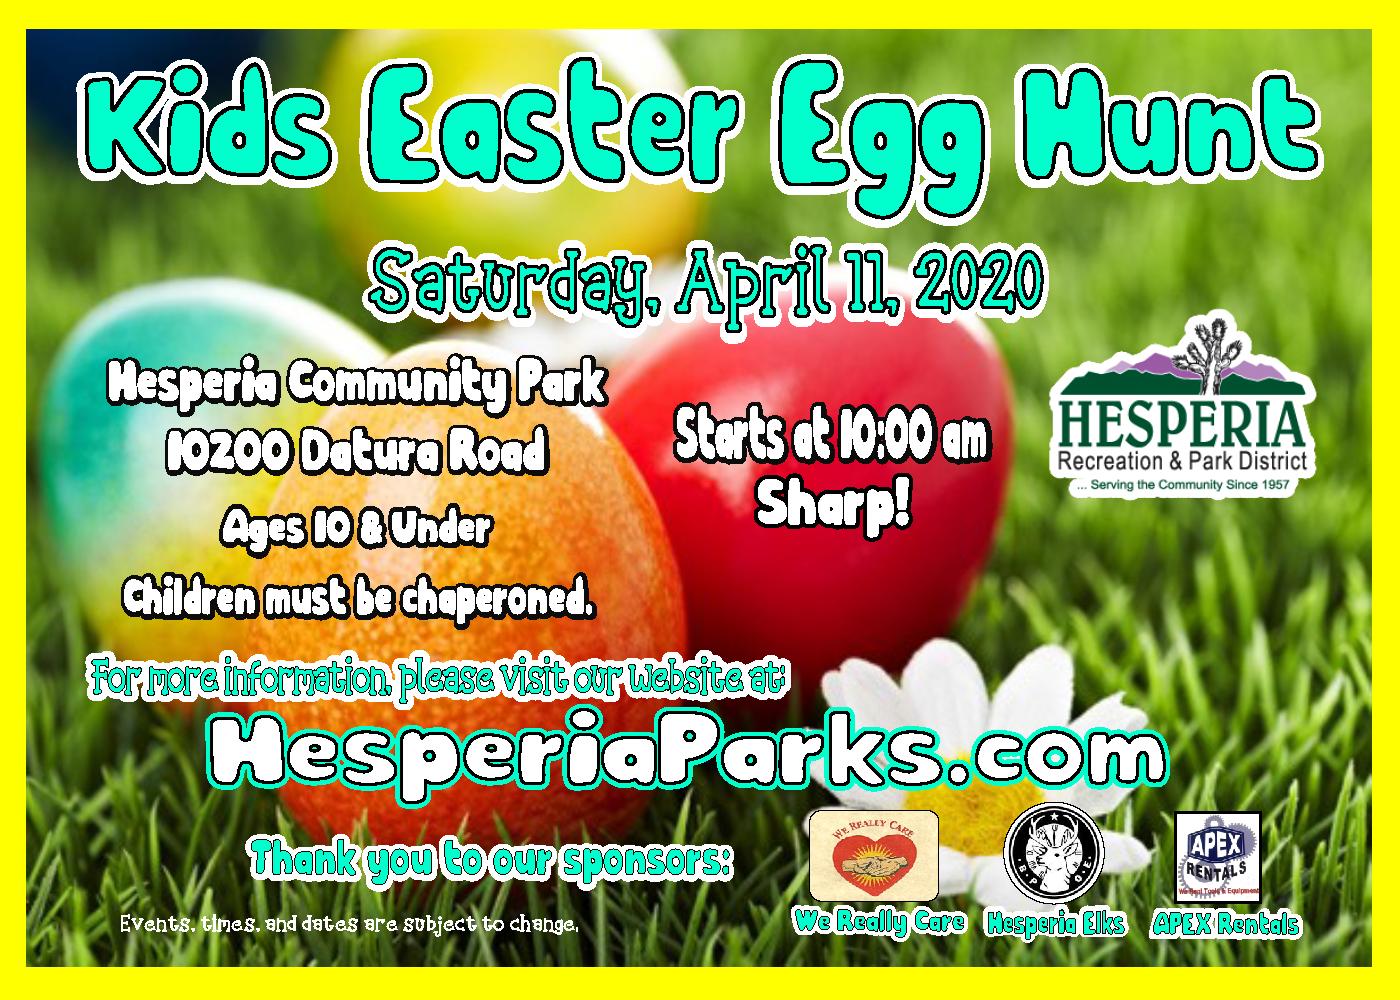 Easter Egg Hunt (Hesperia) @ Hesperia Community Park